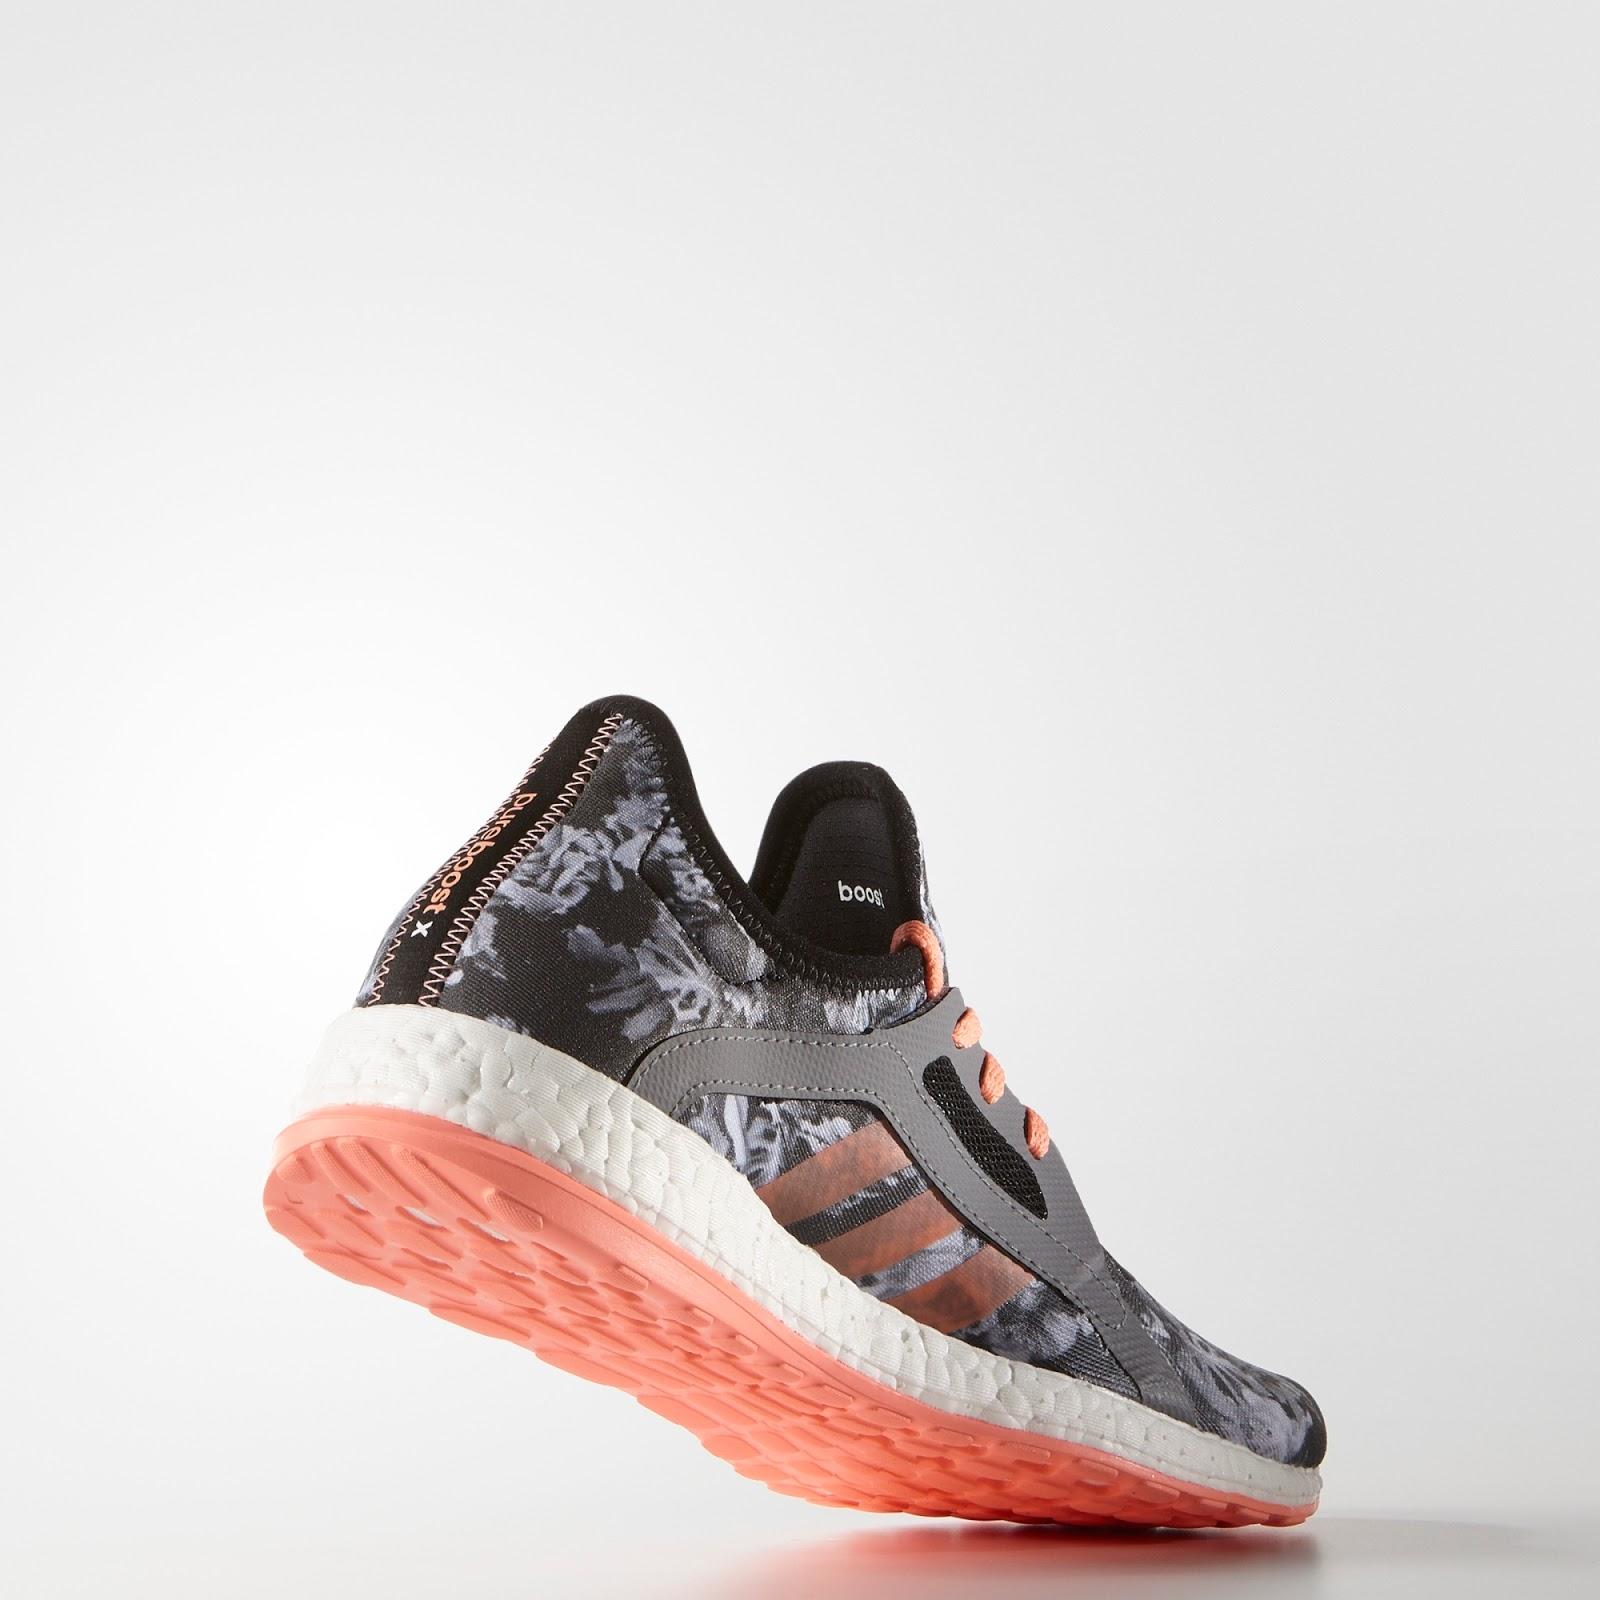 0e507420faa02 DEPORTES HERMIDA - Multideporte y moda deportiva  Zapatillas de ...